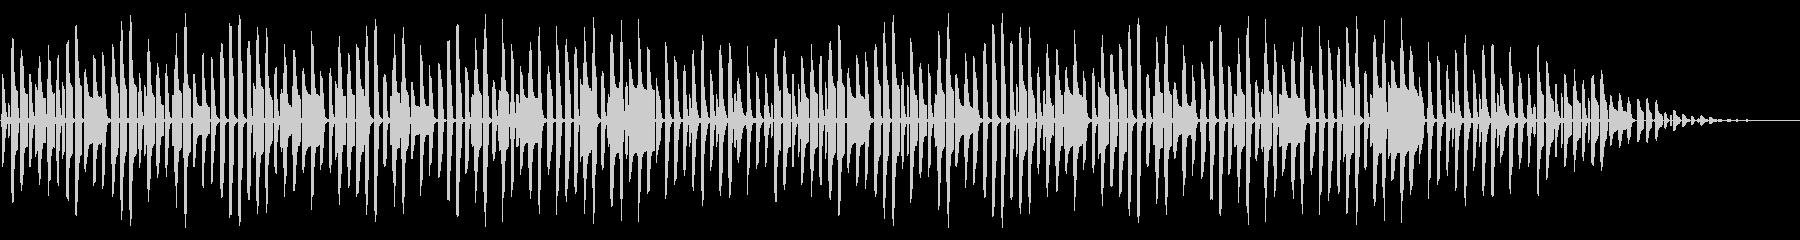 童謡「背くらべ」脱力系アレンジの未再生の波形